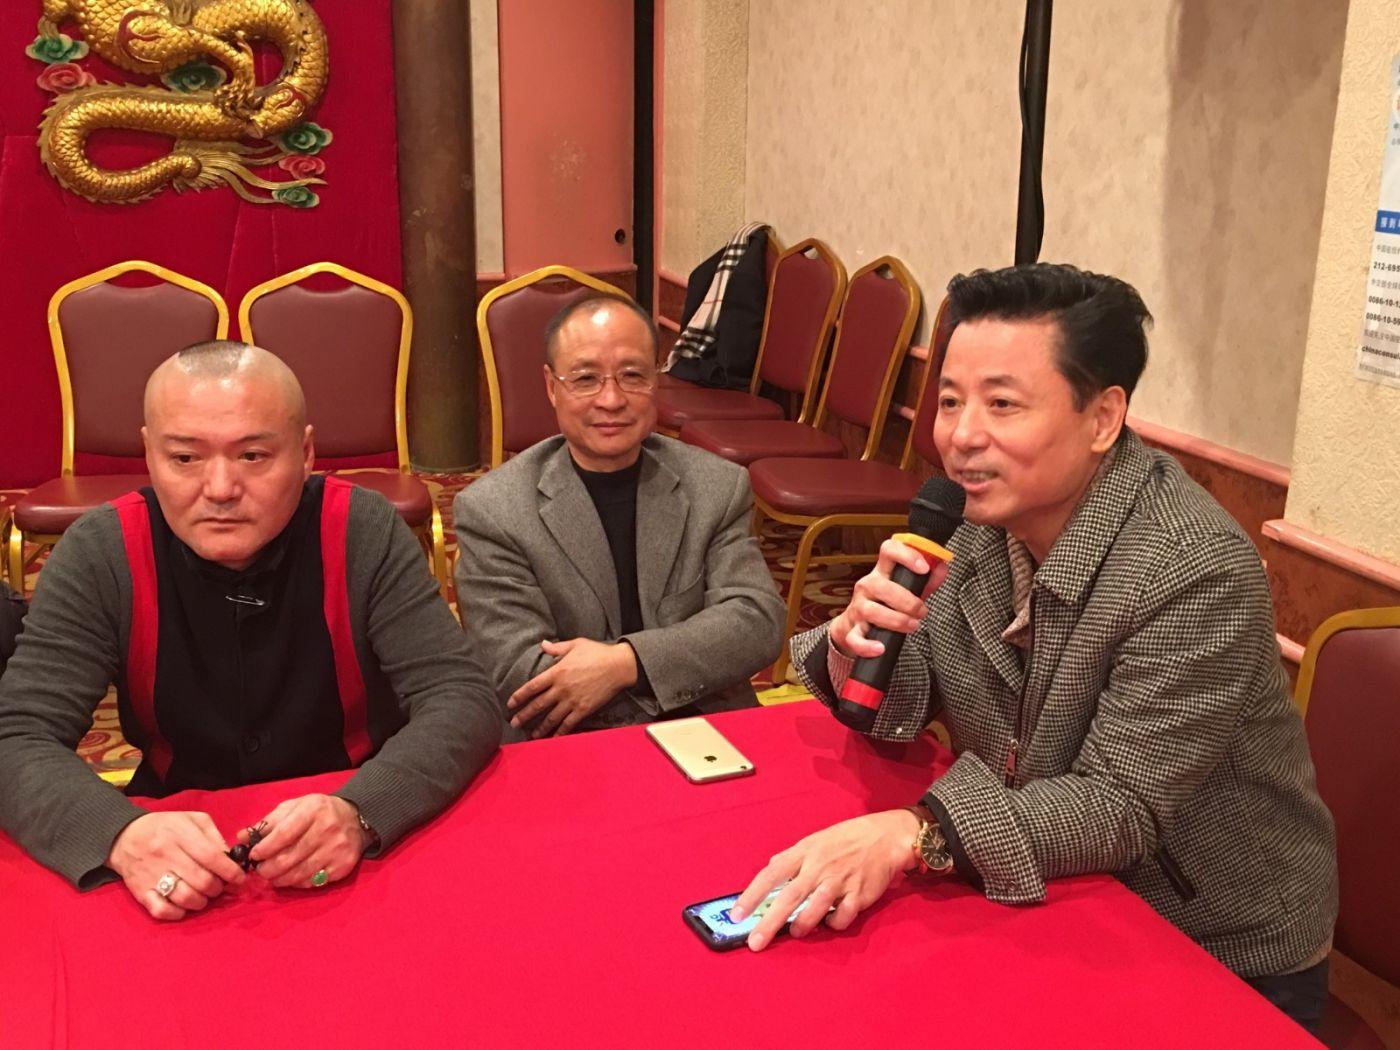 紐約華人華僑維護香港穩定繁榮座談會在紐約舉行_图1-16